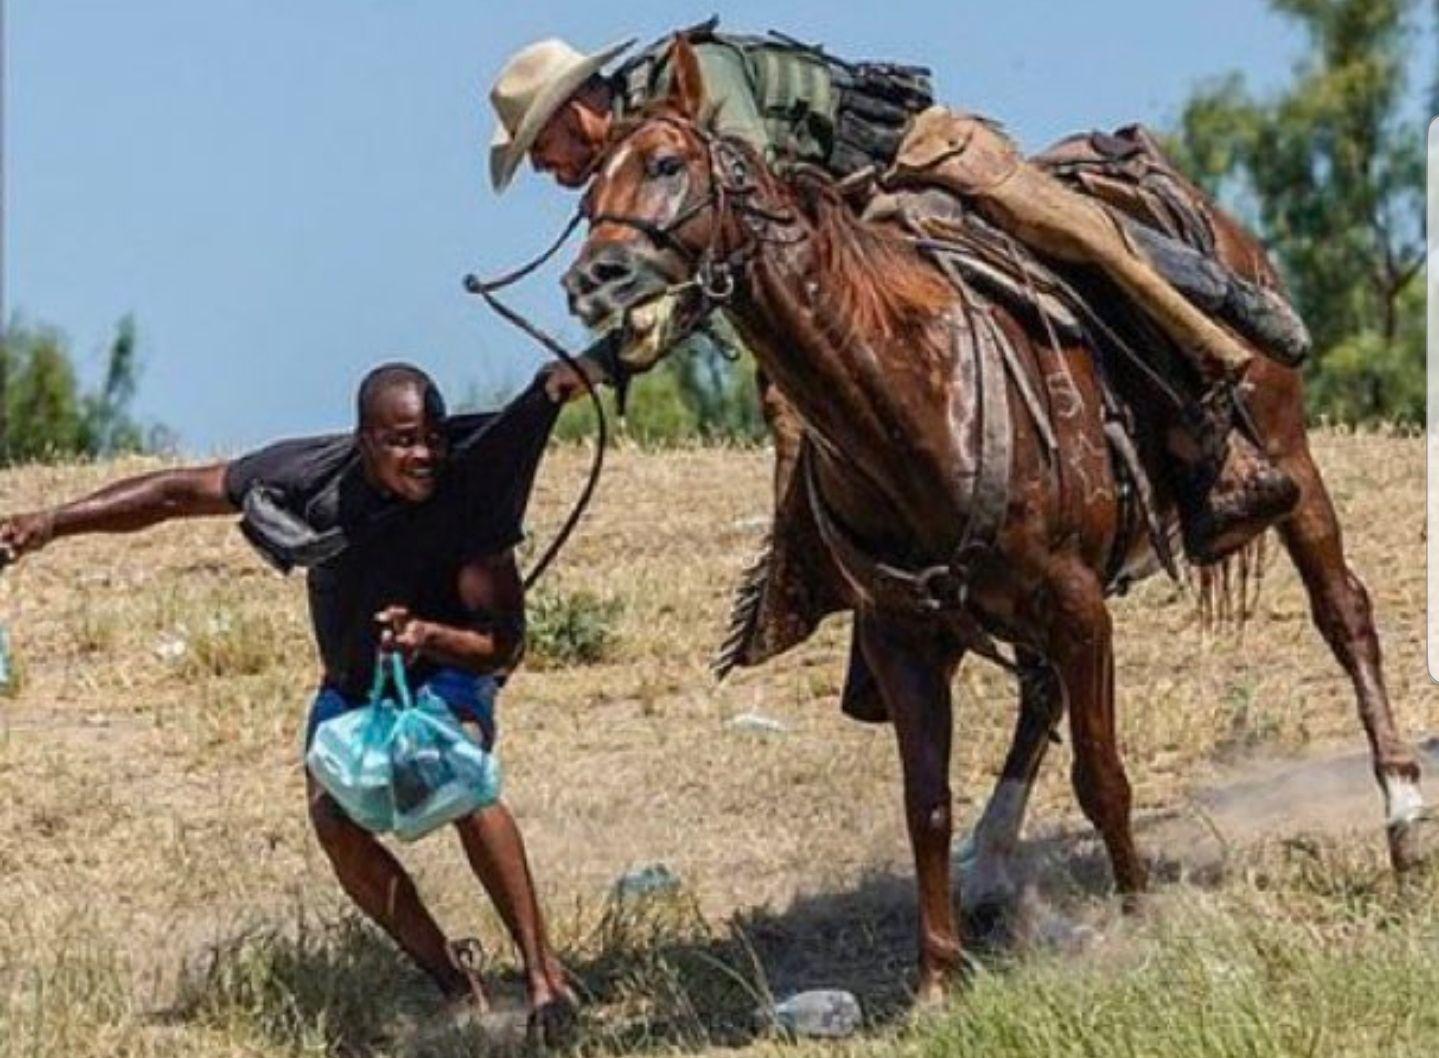 guardias estadounidenses atacan a latigazos a inmigrantes haitianos